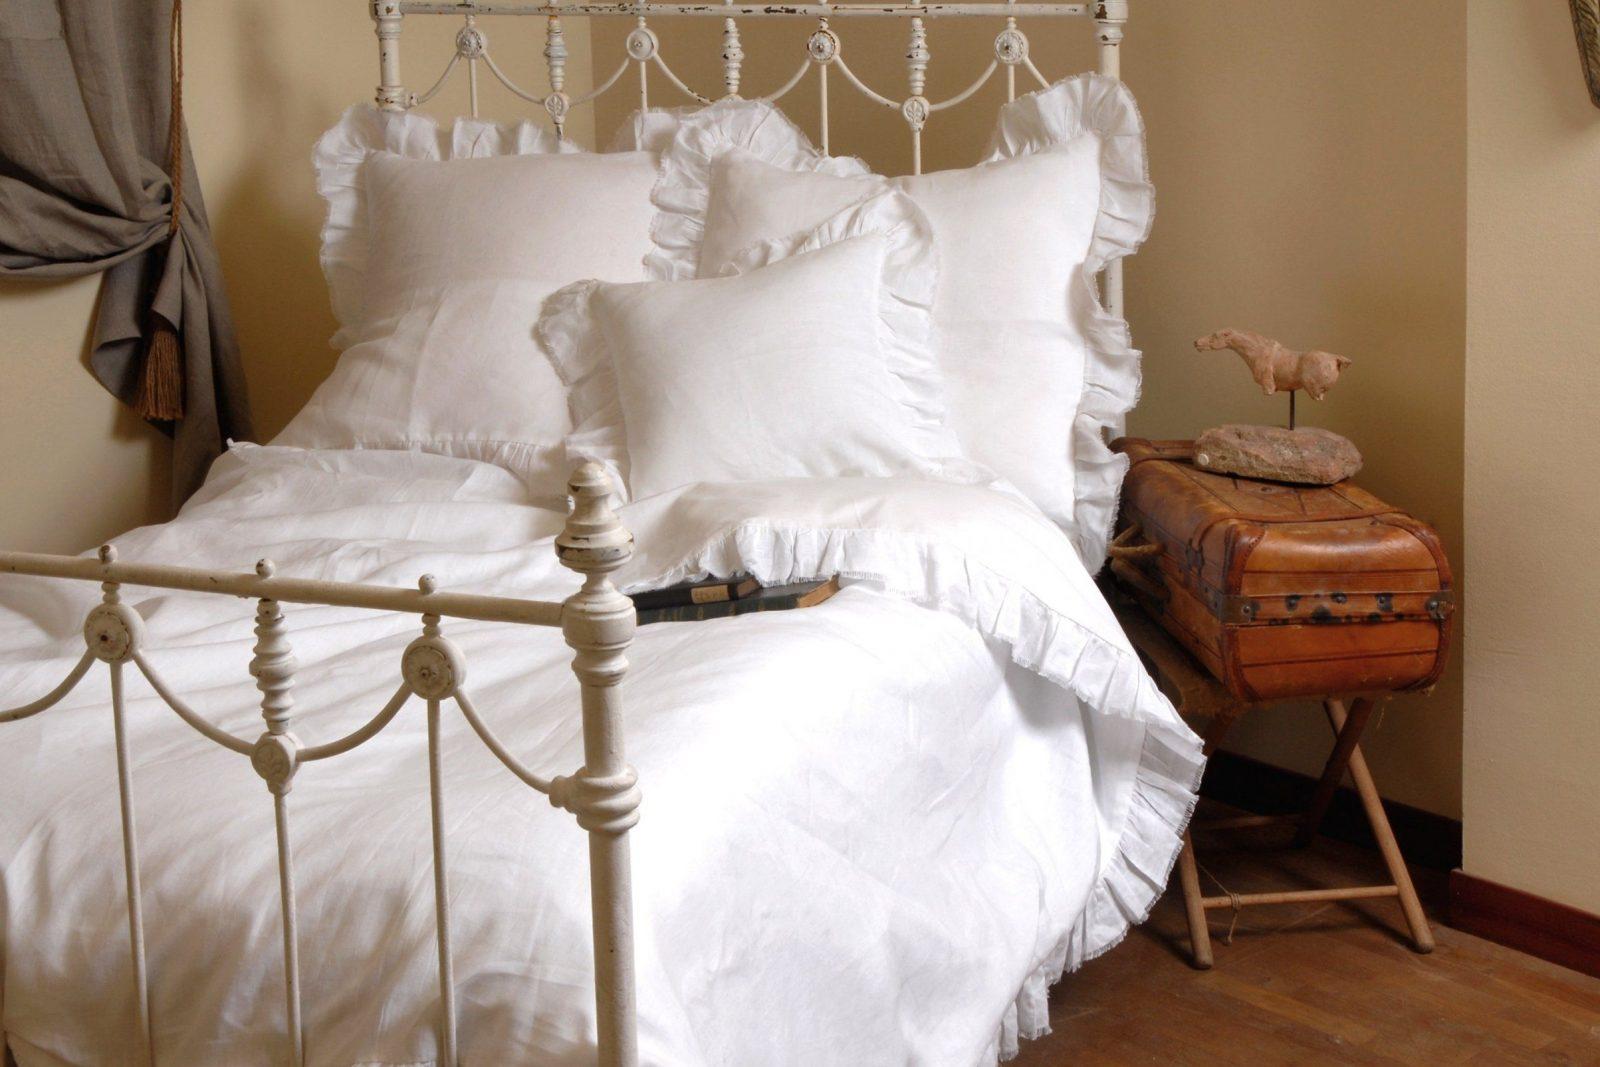 Wunderbare Inspiration Bettwäsche Weiß Rüschen Und Bdt Weiße Mit Das von Rüschen Bettwäsche Weiß Photo